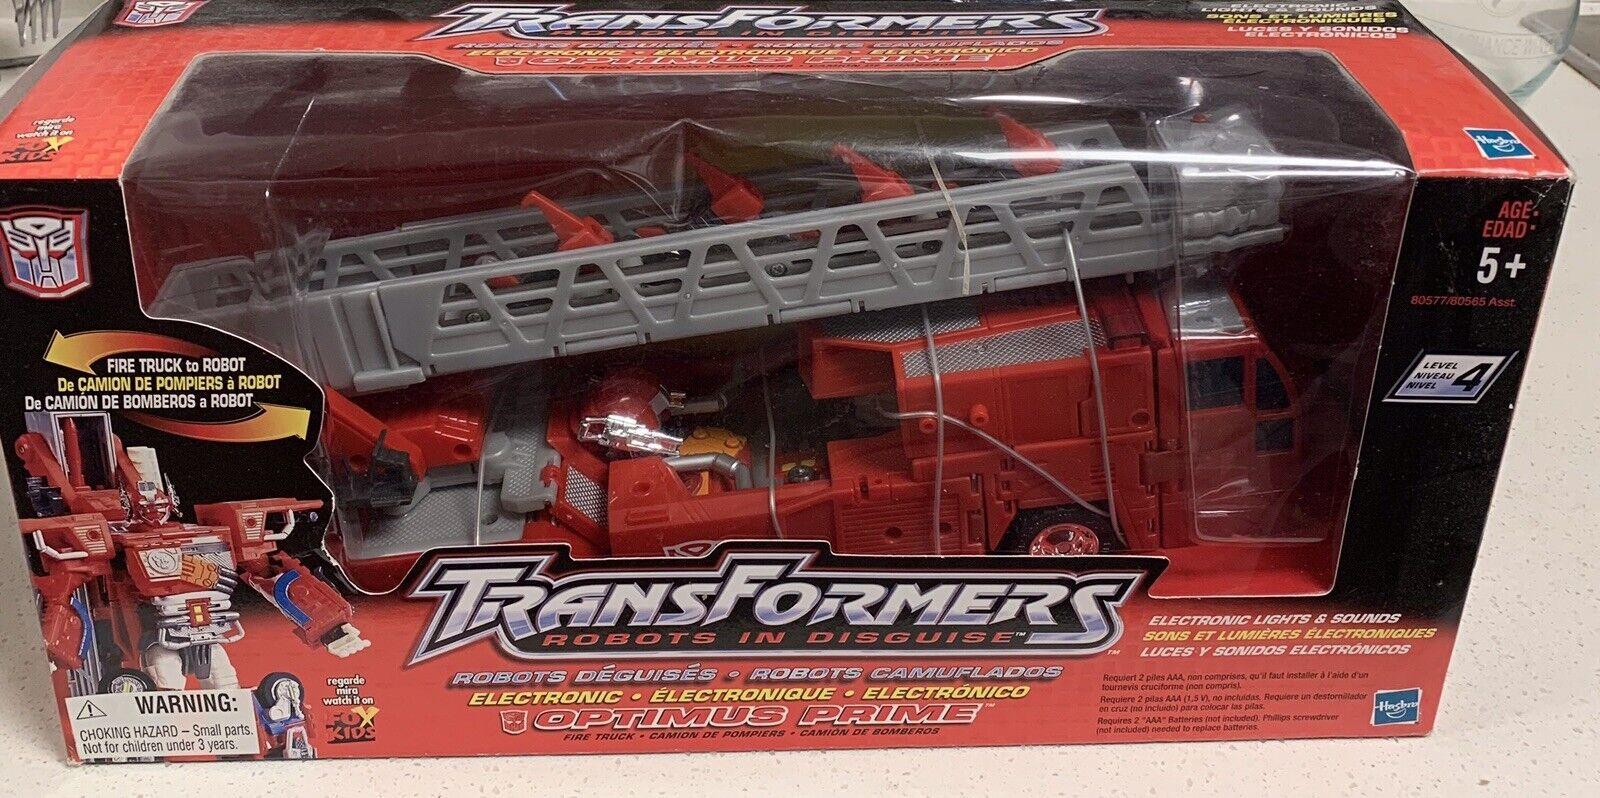 Eliminar Figura De Acción Transformers Optimus Prime camión de bomberos para robot 2001 Menta en Caja Sellada Nuevo